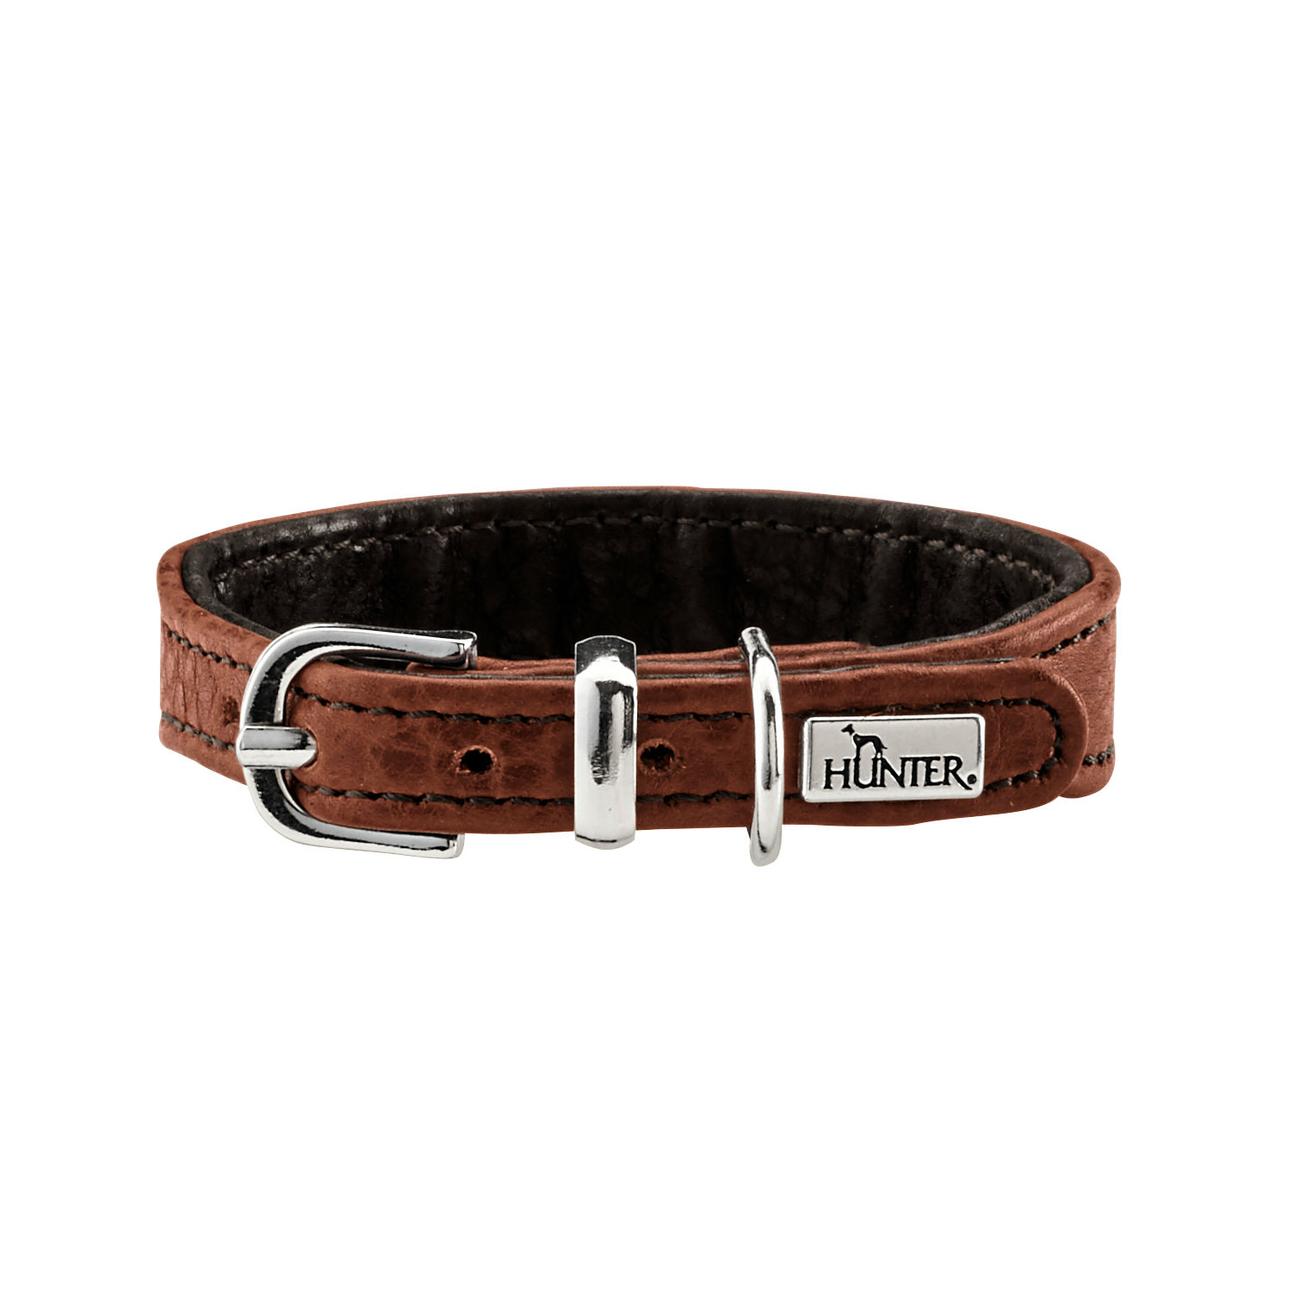 Hunter Halsband Cody Petit für Kleinhunde 65264, Bild 2